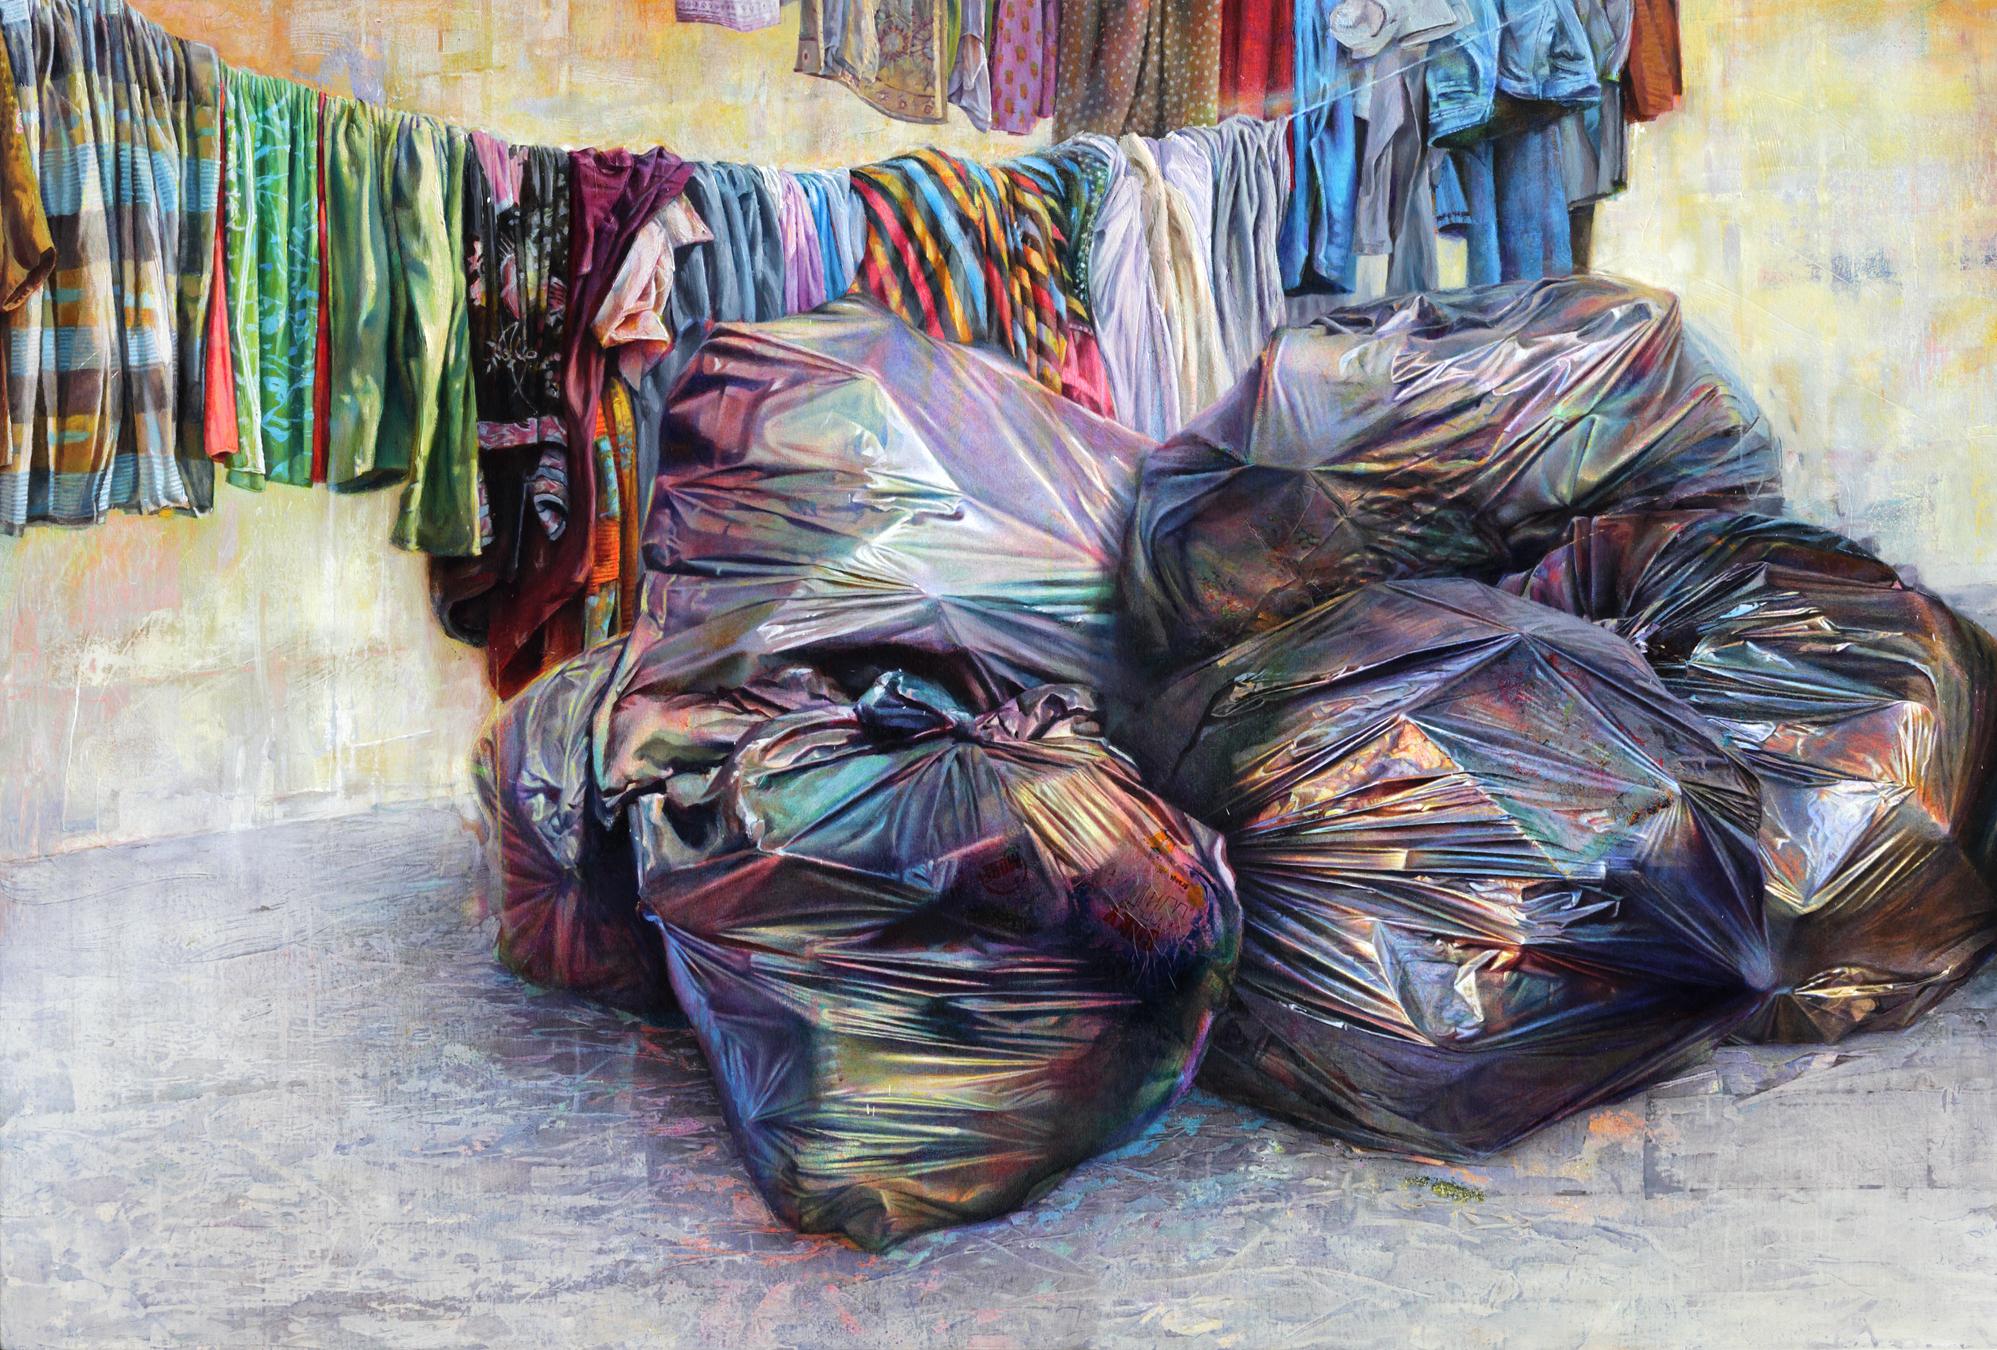 David Agenjo, Still Life, Oil on canvas, 95 x 140 x 3 cm,  https://davidagenjo.com